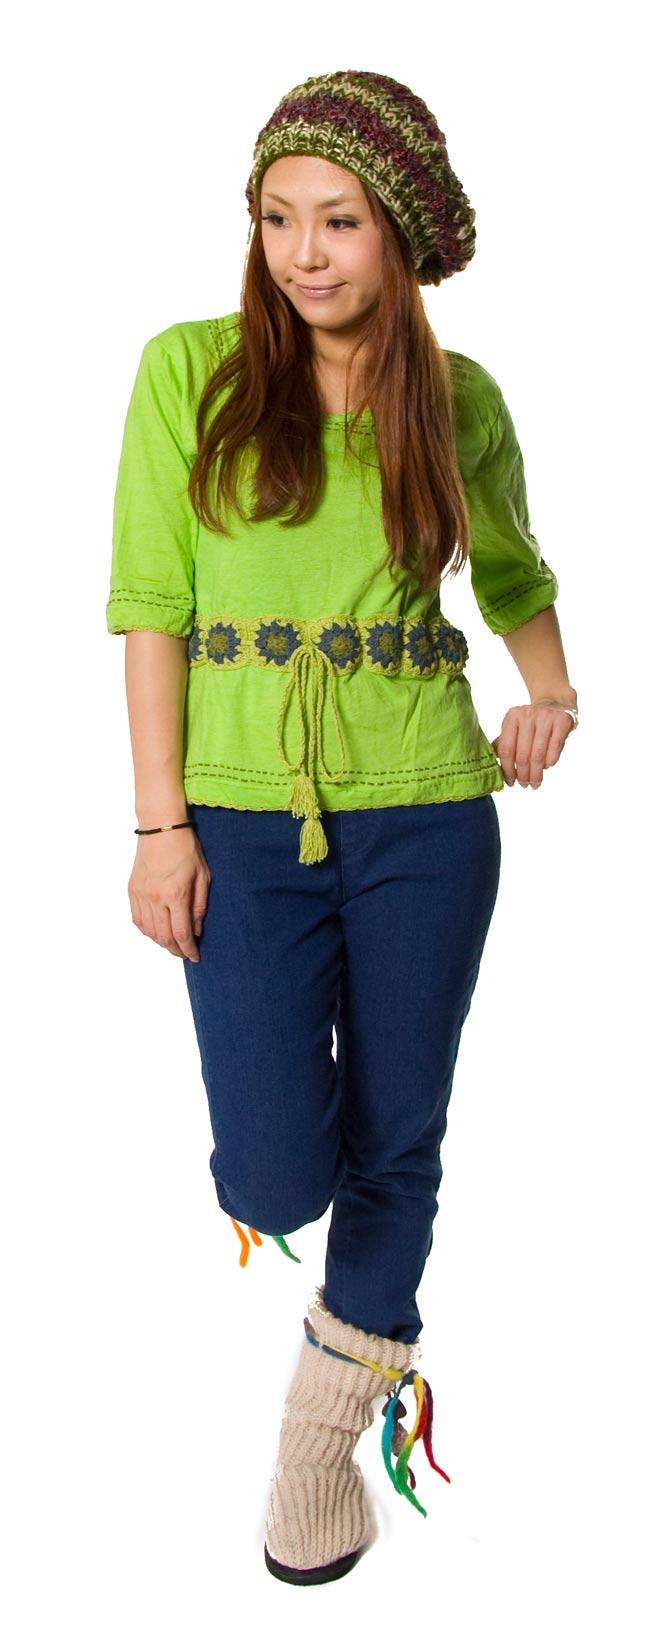 ベルト風刺繍ハーフスリーブTシャツ - 黄緑の写真